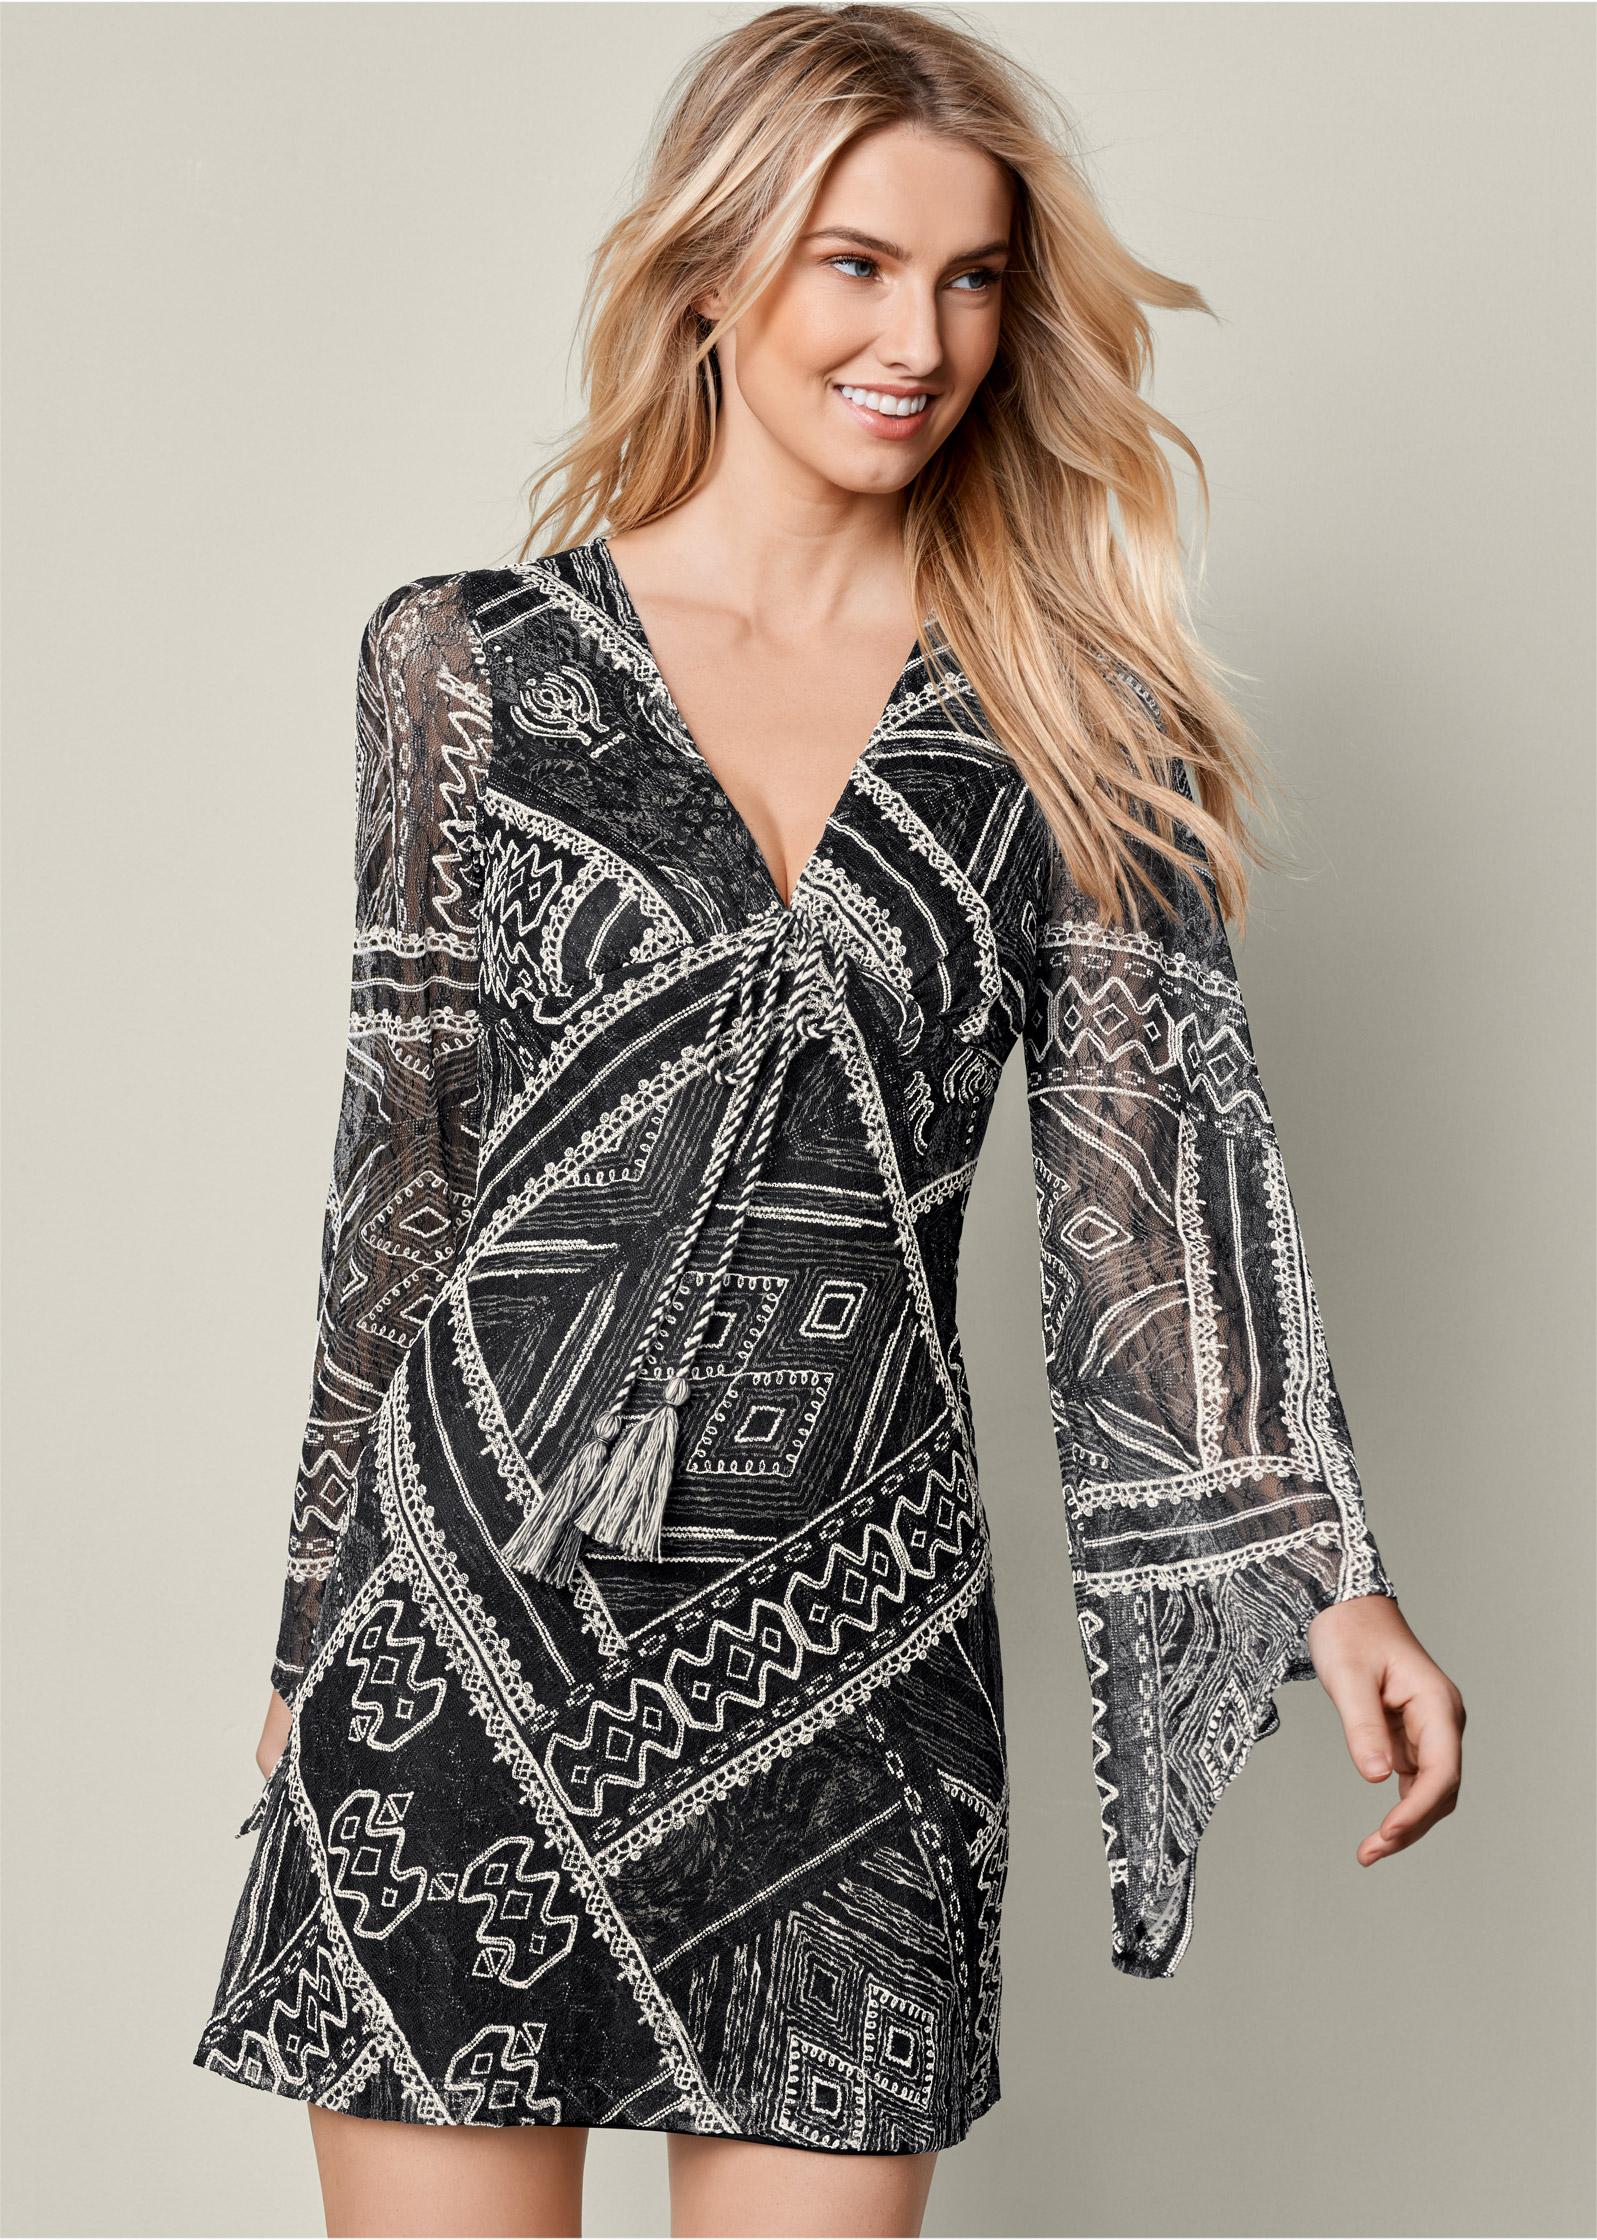 Boho Casual Dress